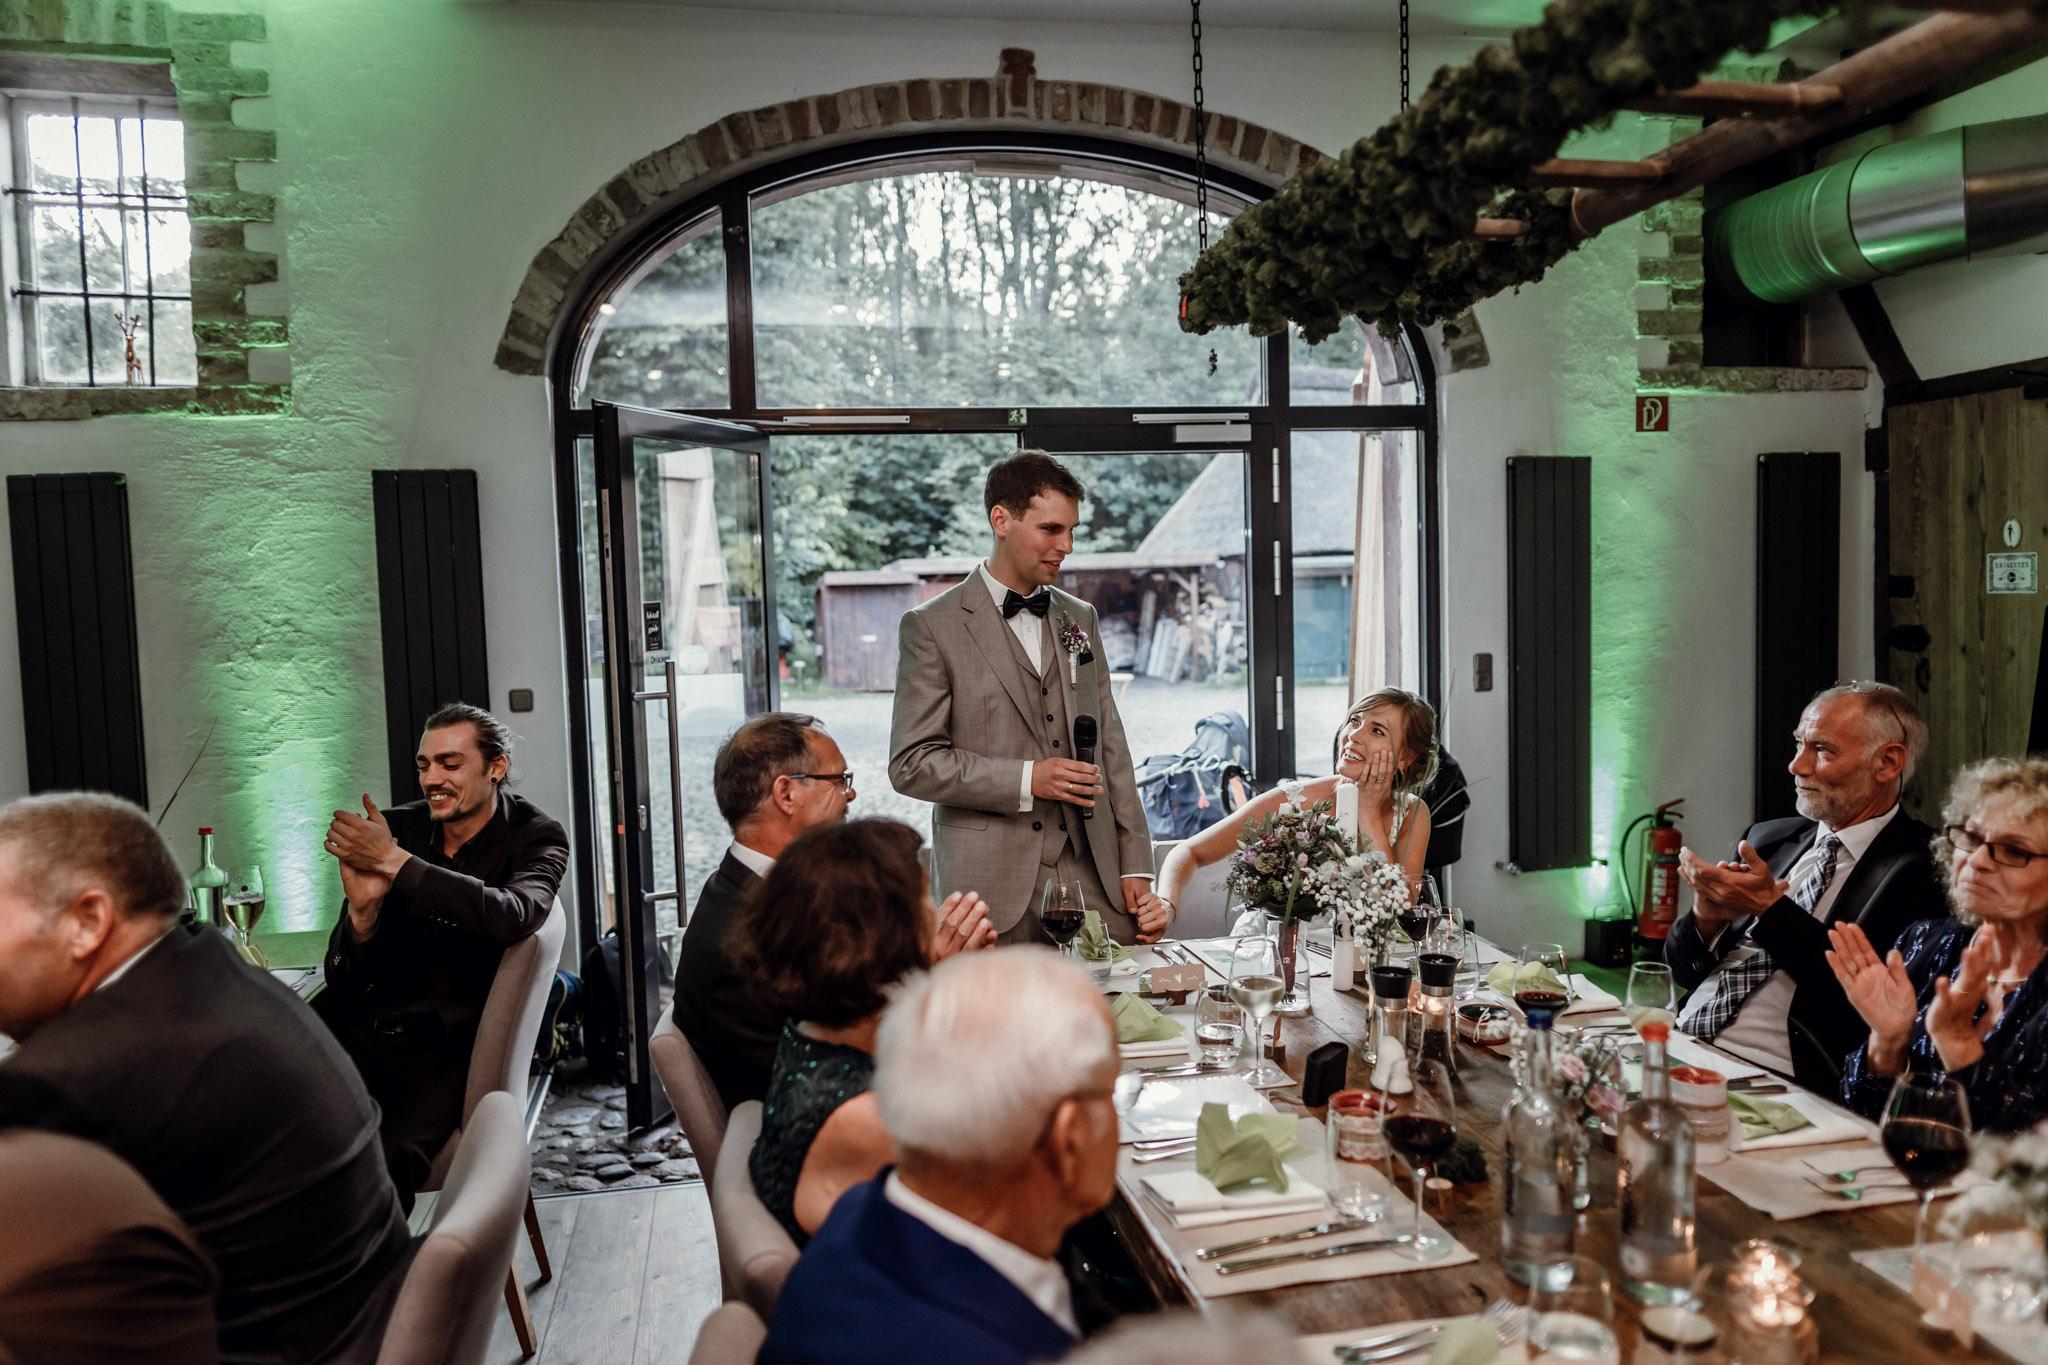 Sven Schomburg Hochzeitsfotografie, Hamburg, Mölln, Hochzeitsfieber by Photo-Schomburg, Hochzeitsreportage, Forsthaus Waldhusen, Braut, Bräutigam-82